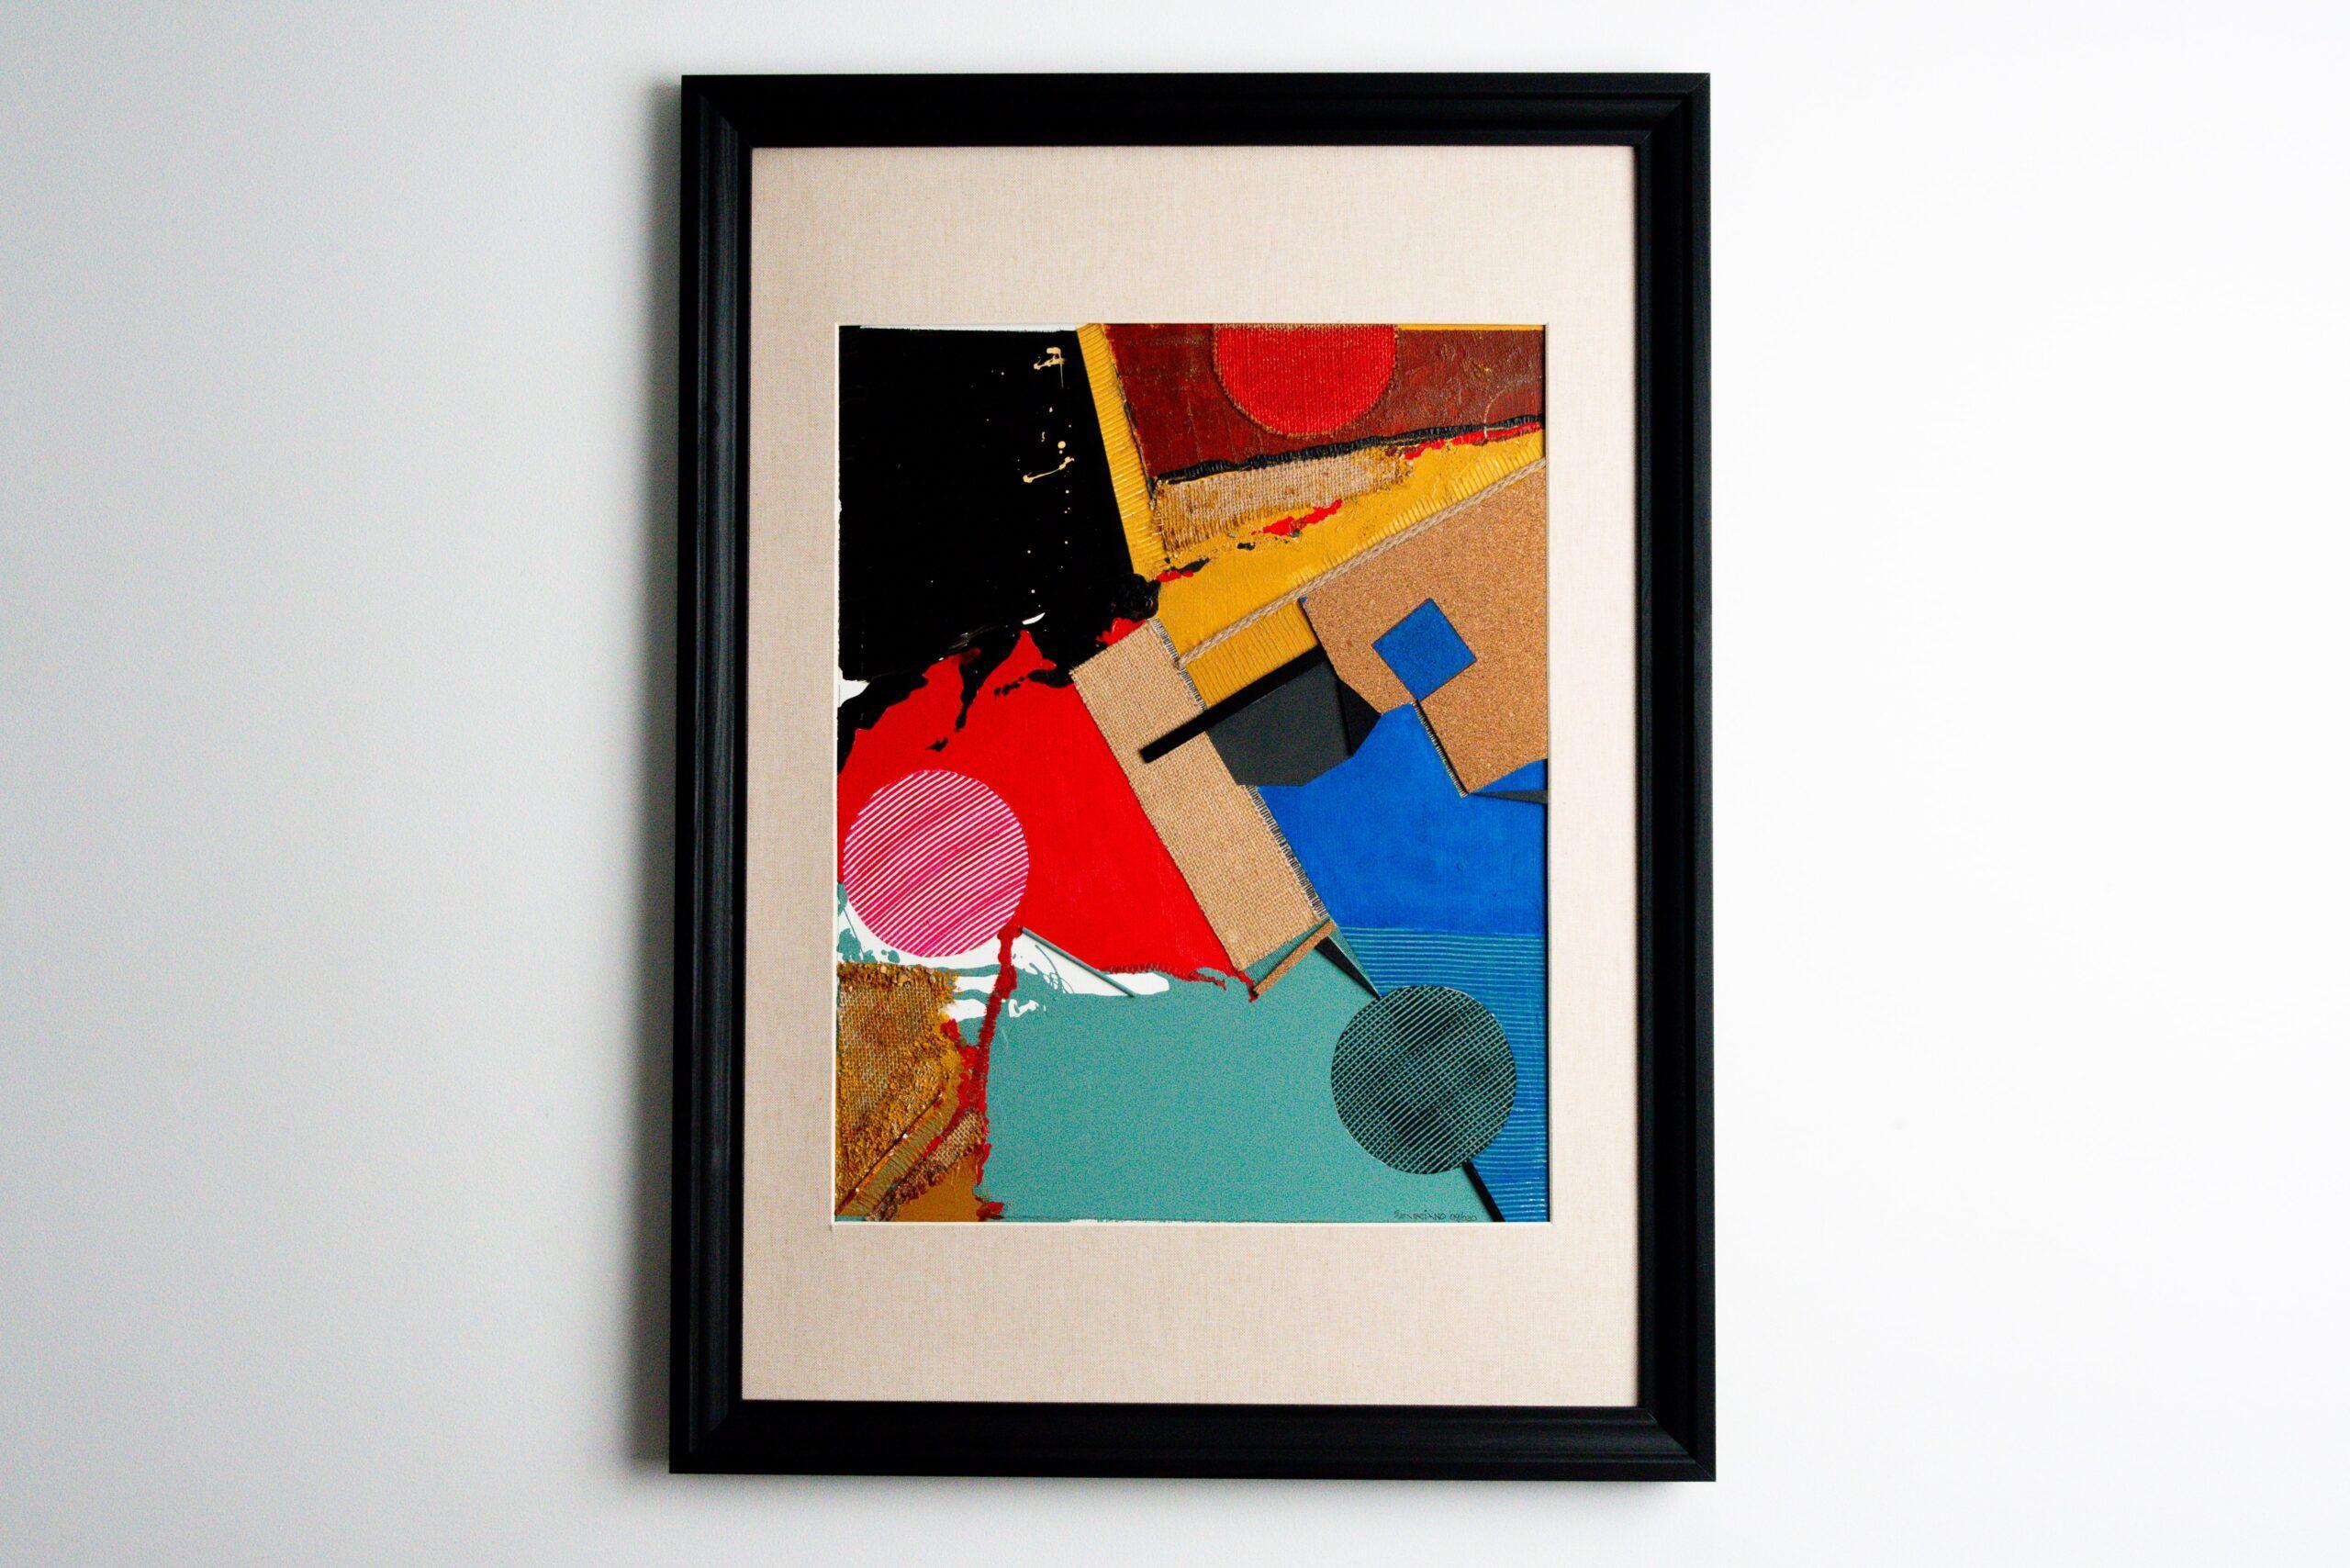 Obras de Arte e Quadros de José Severiano Agreste